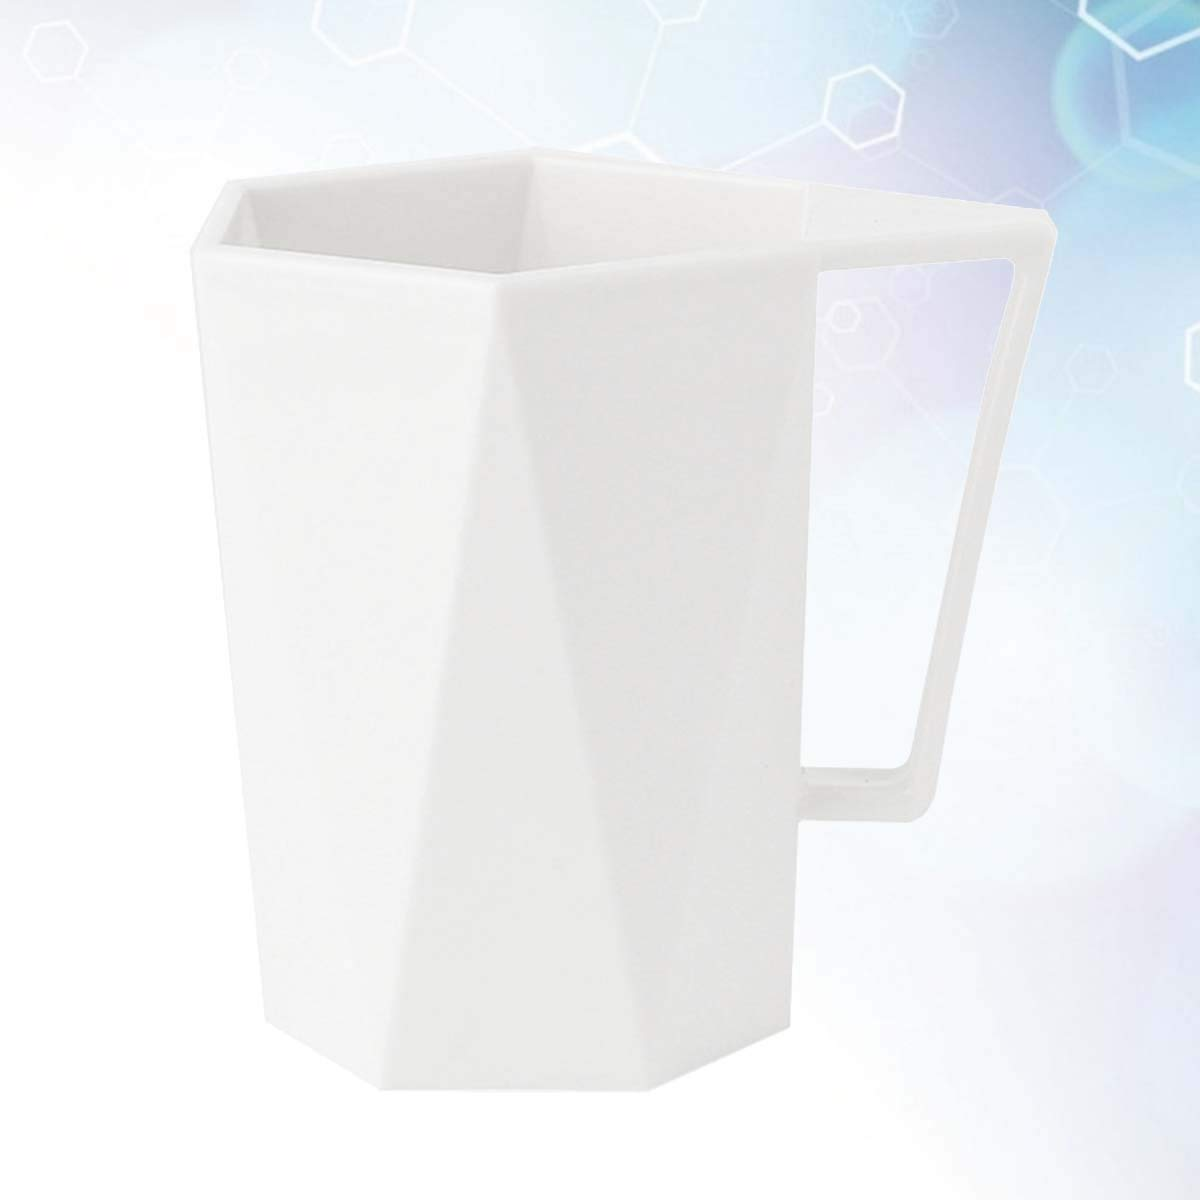 Blanc UPKOCH Tasse de Brosse /à Dents en Plastique avec poign/ée Tasse de Bain de Bouche g/éom/étrique pour Tasse de Bain Tasses de Boisson incassables pour jus de Lait de leau